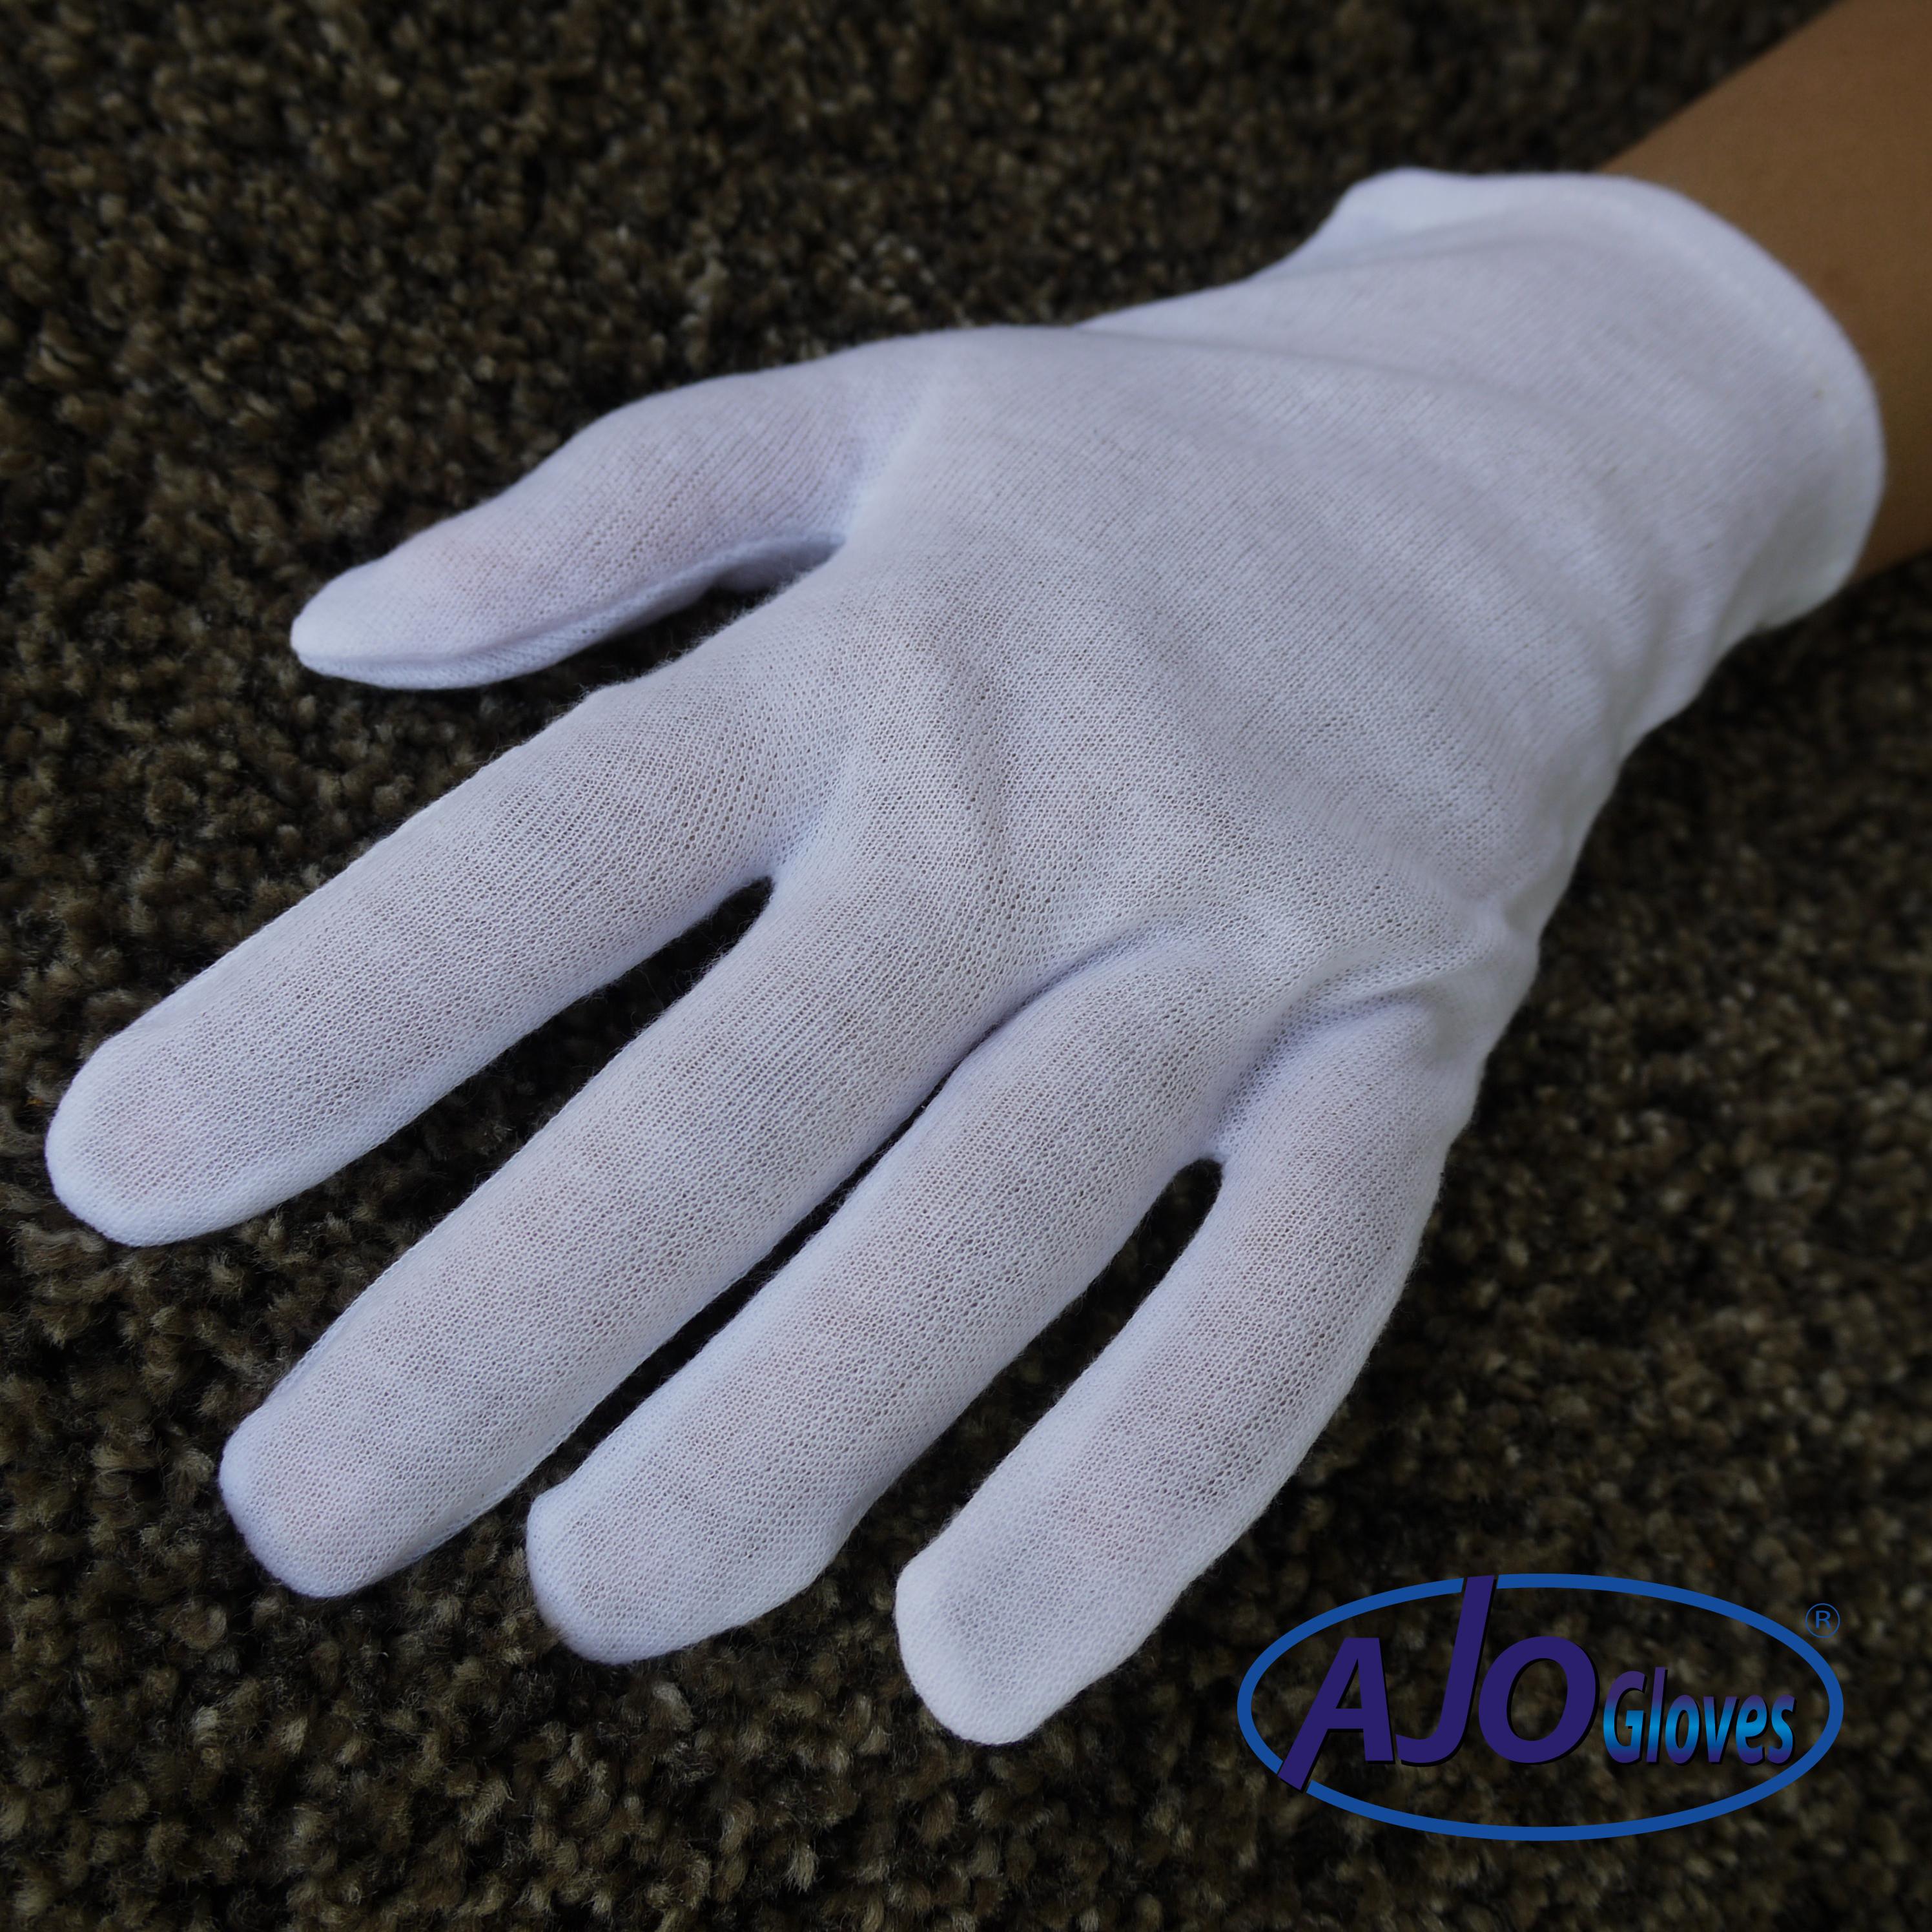 ถุงมือผ้าทีซีไม่ต่อข้อ